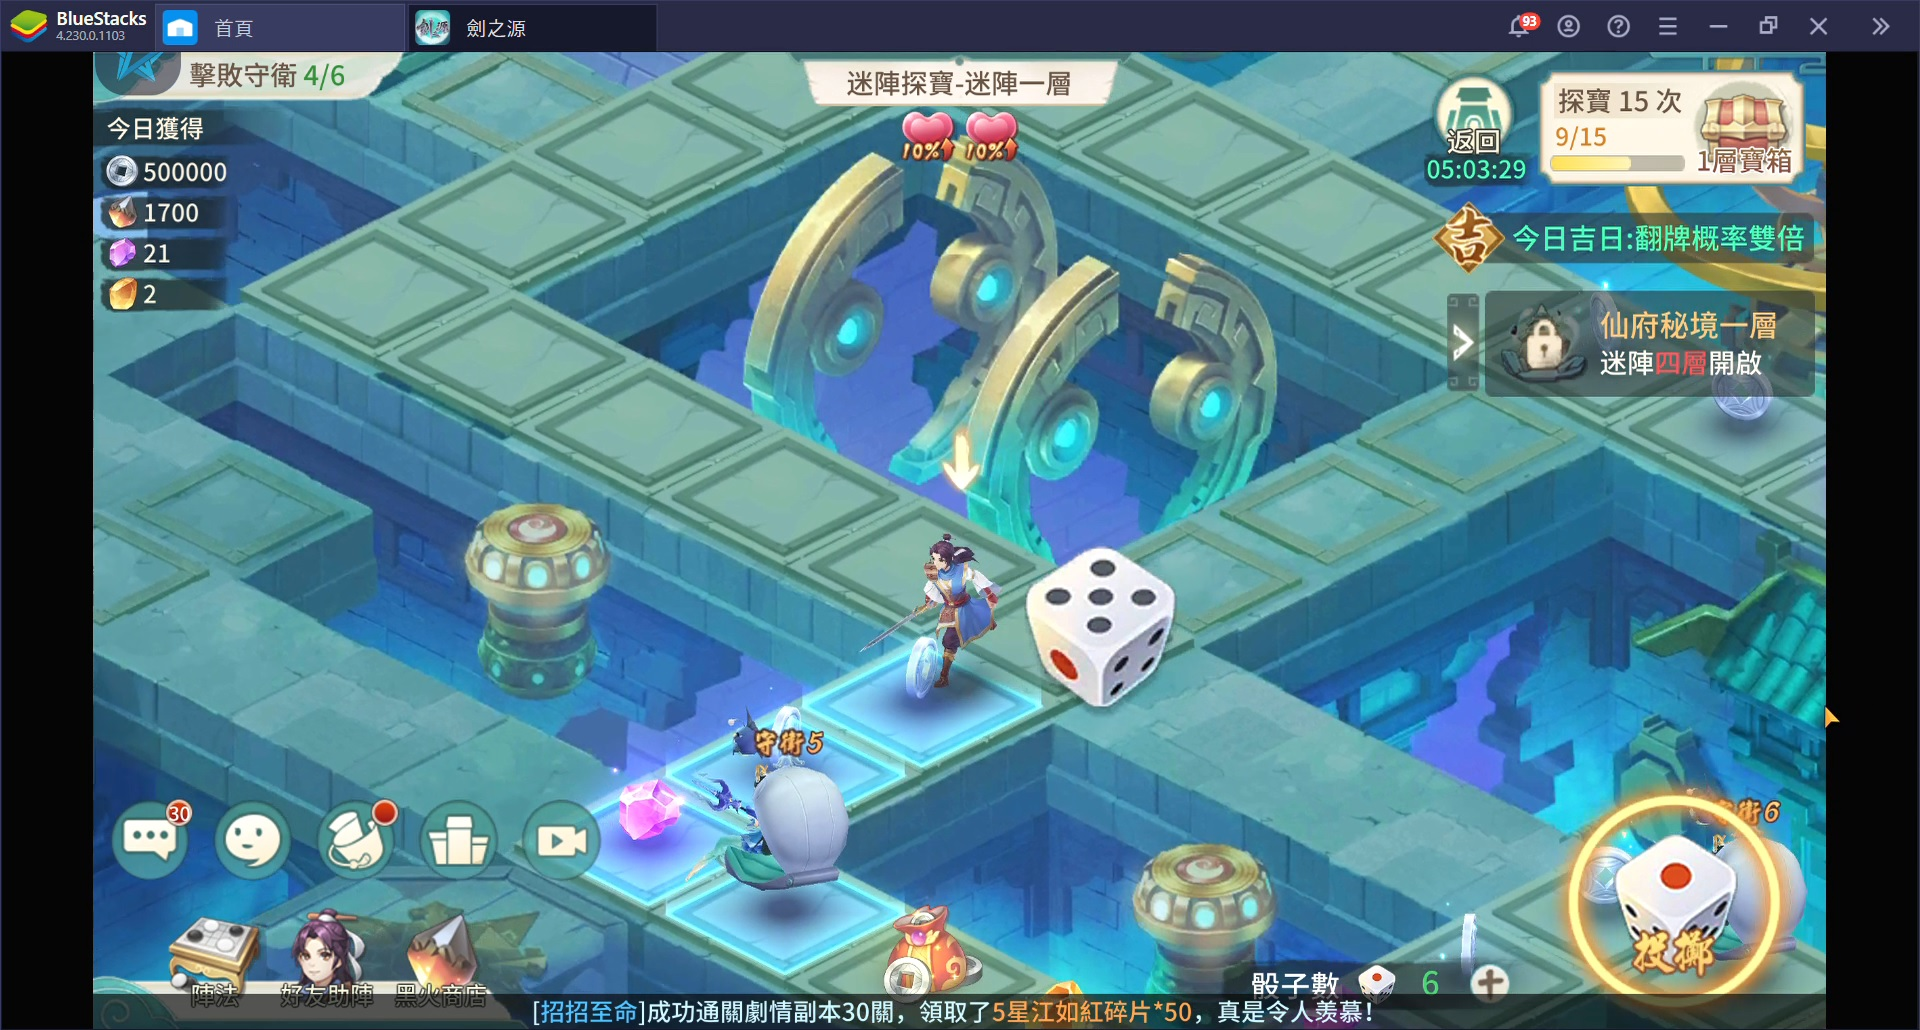 使用BlueStacks在PC上體驗放置策略 RPG手游《軒轅劍 – 劍之源》